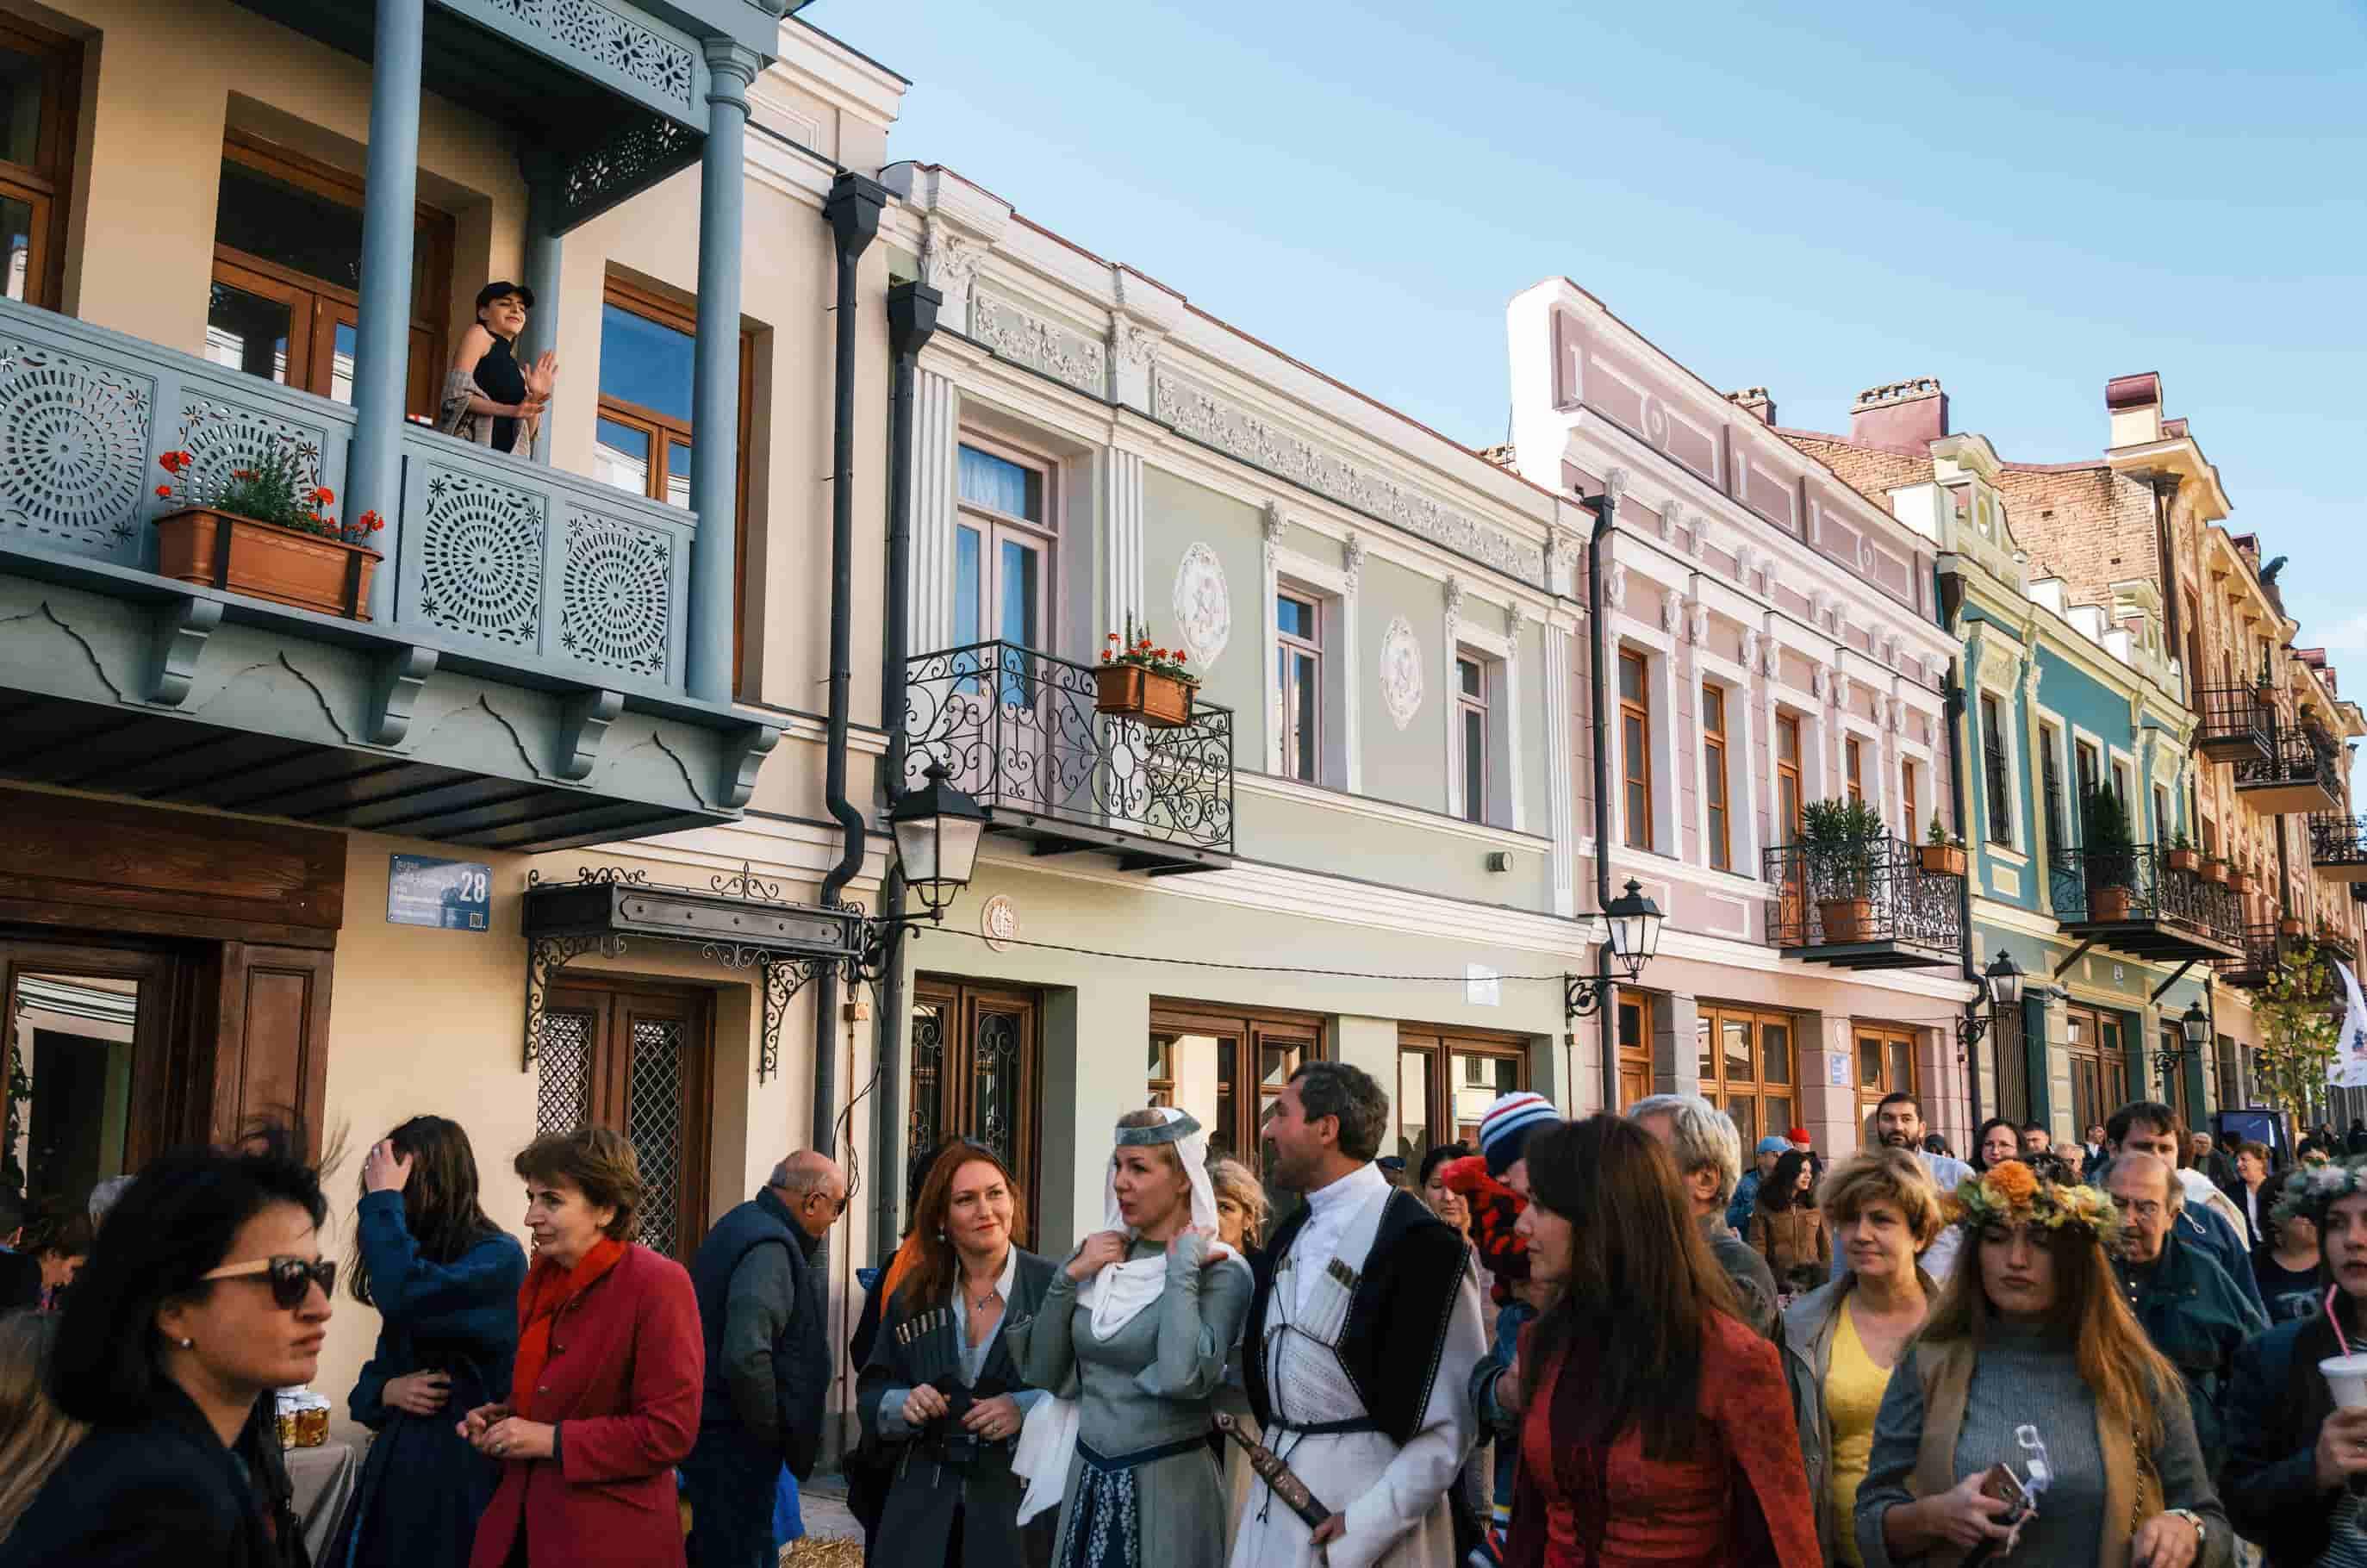 свадебные традиции Грузии, народные праздники грузии, религиозные праздники грузии